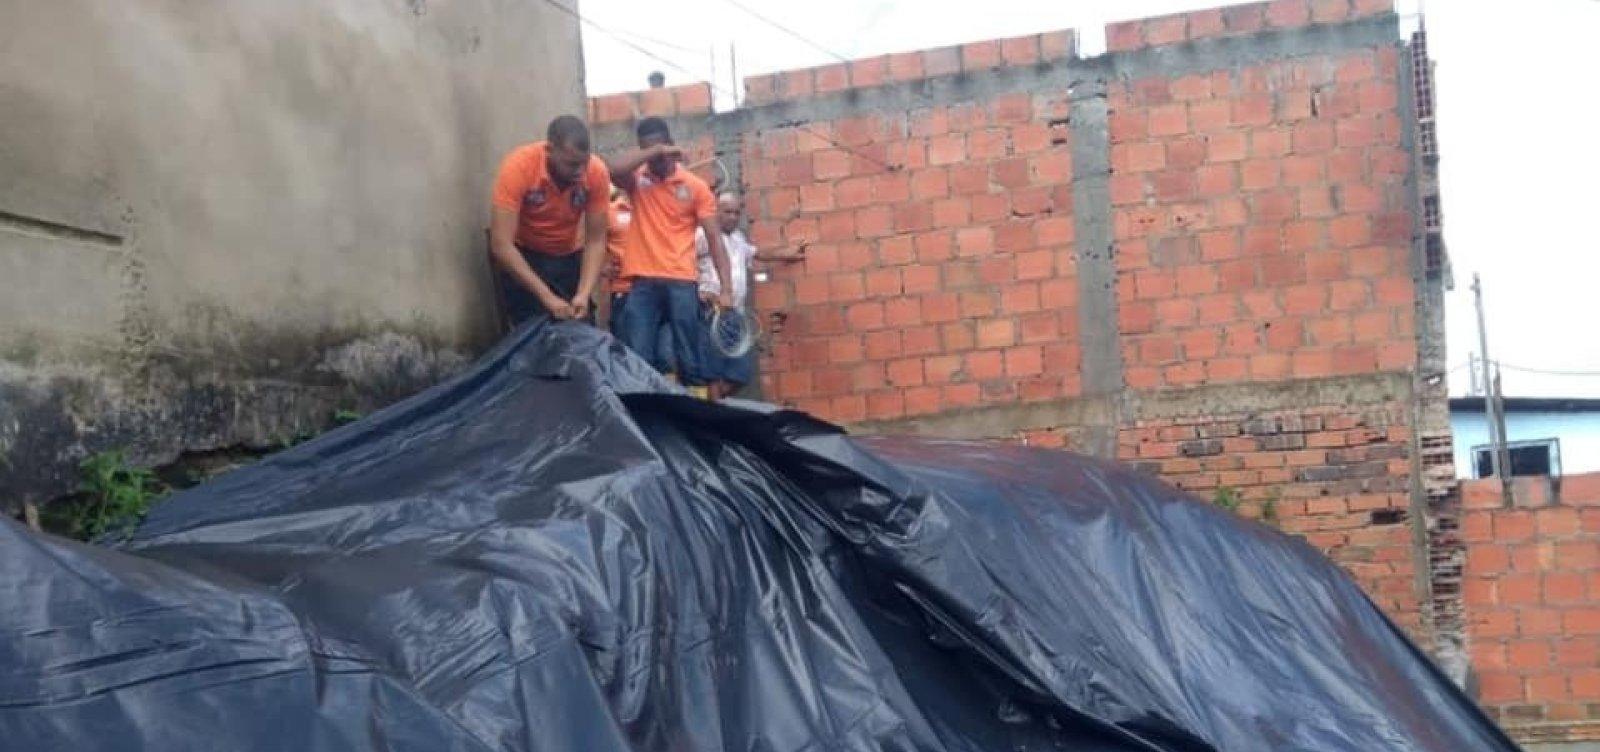 Prefeitura de Simões Filho decreta situação de emergência após chuvas